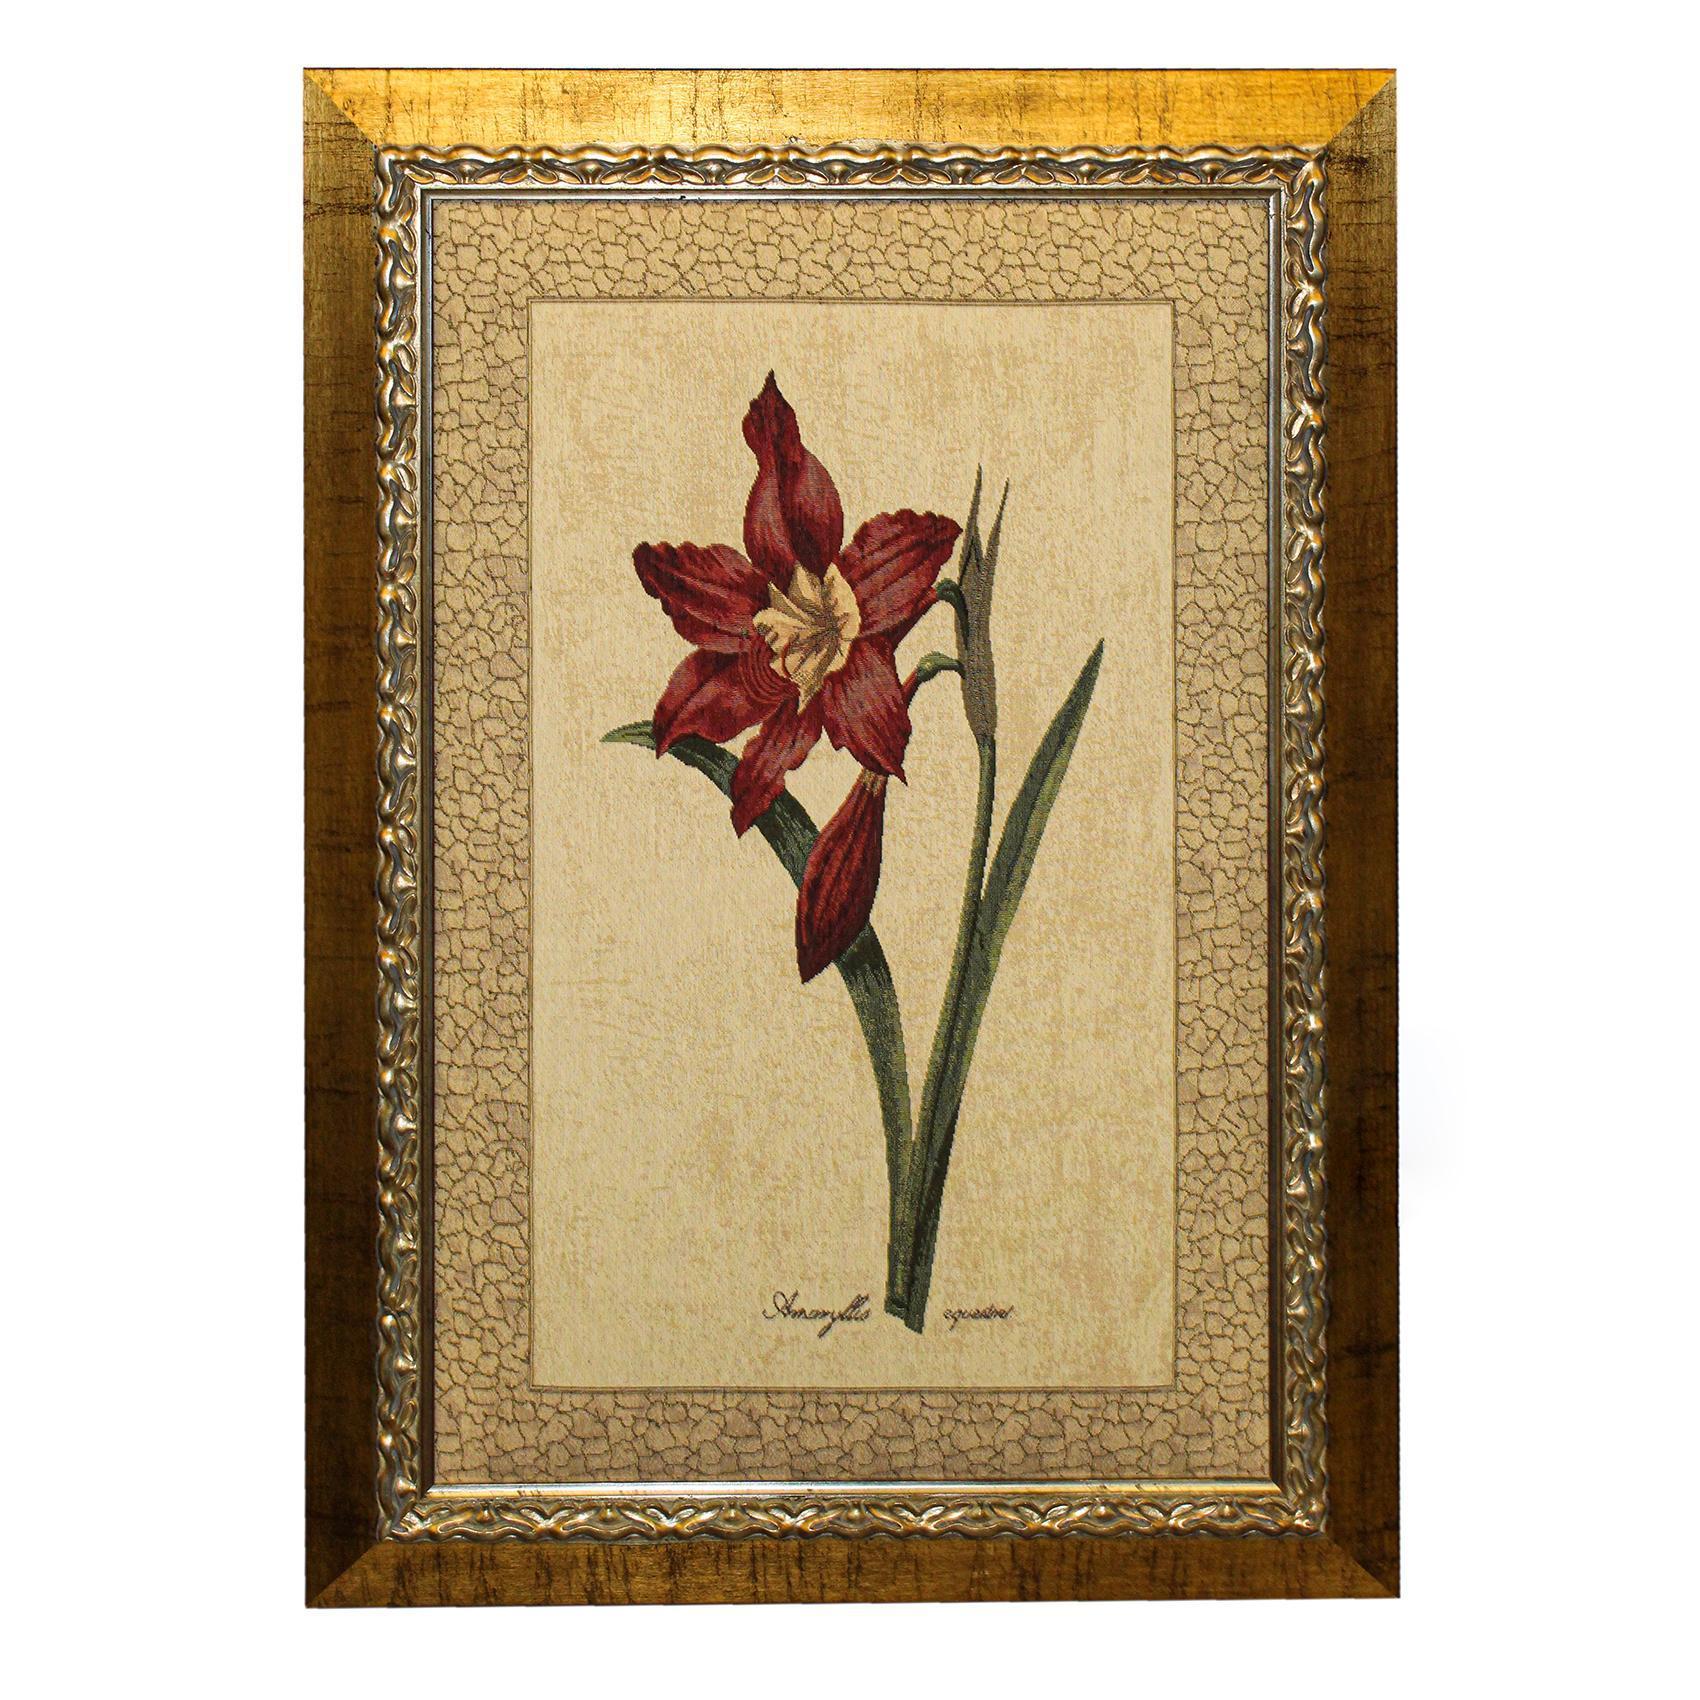 Framed Floral Cross Stitch Artwork